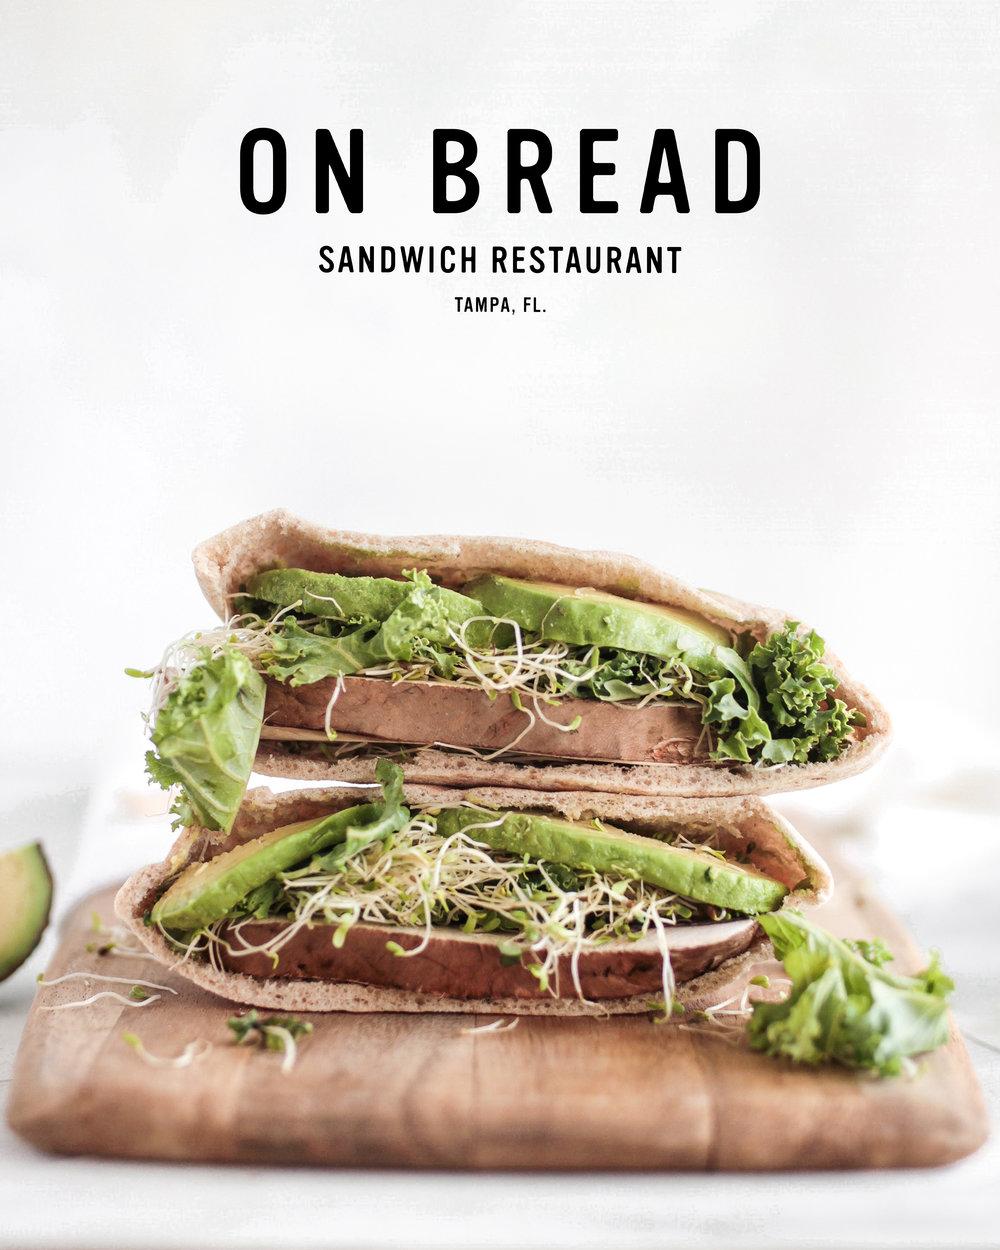 on bread logo2.jpg